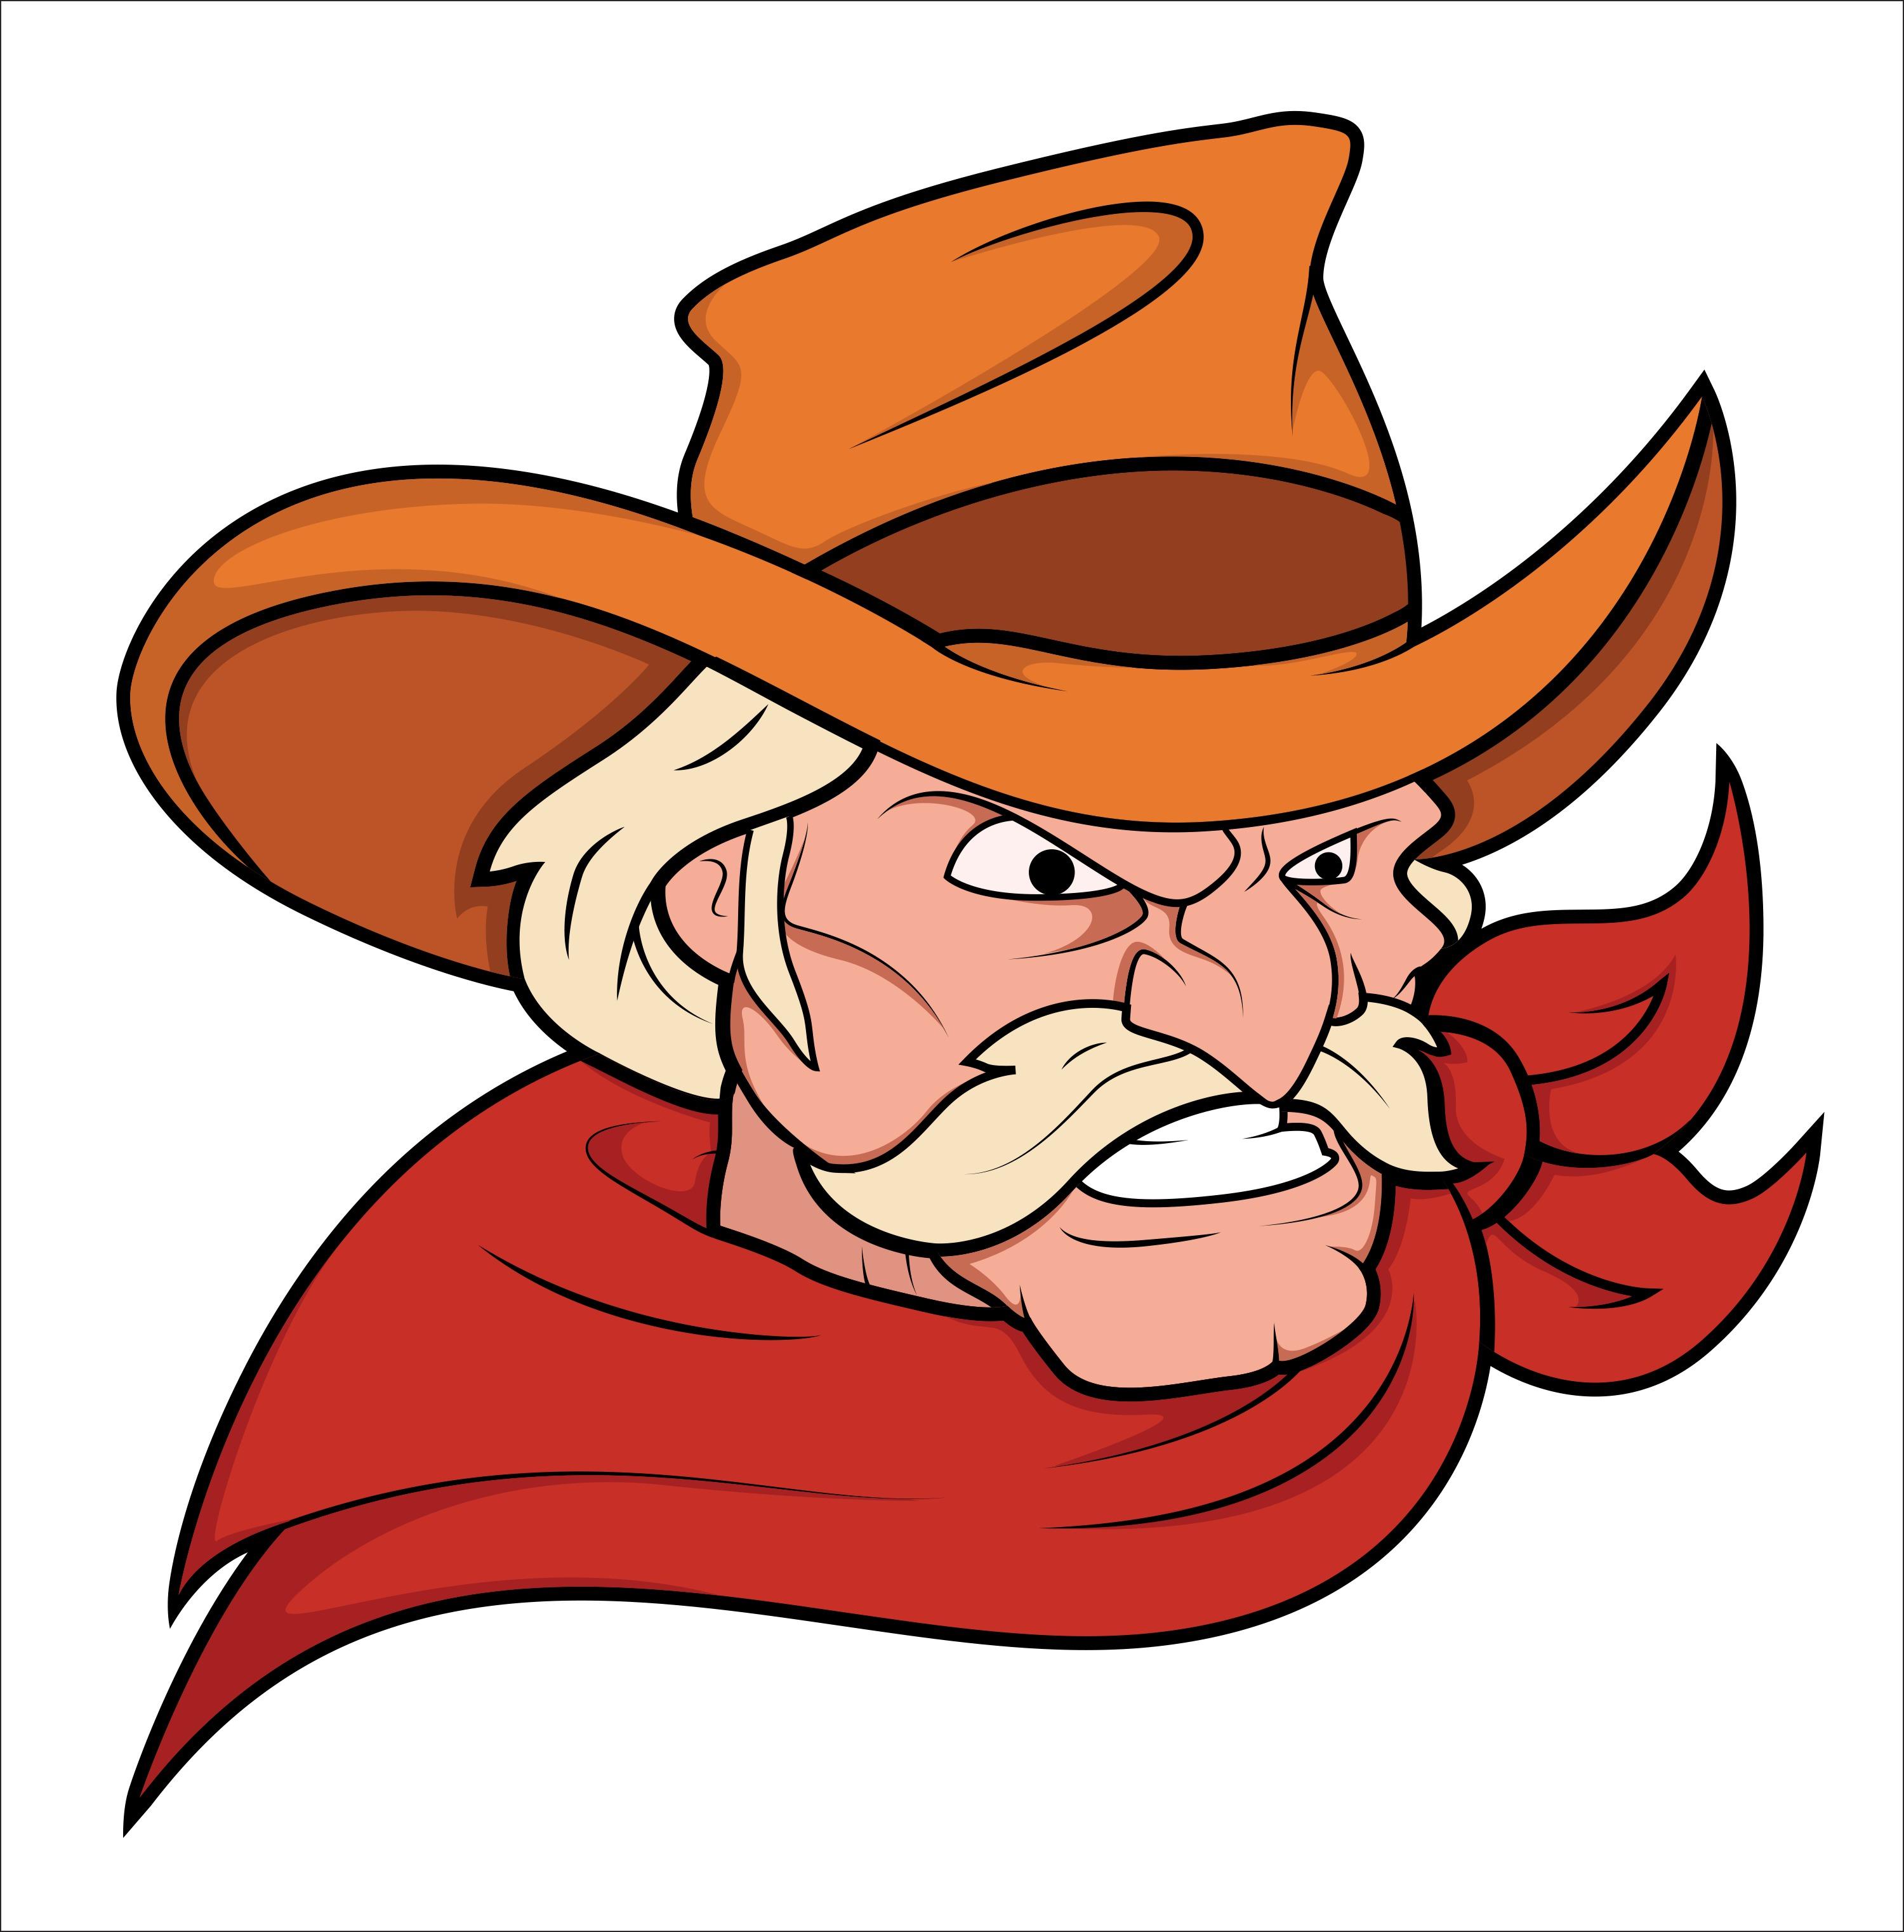 cowboy-mascot-vector_XyvWAW_L